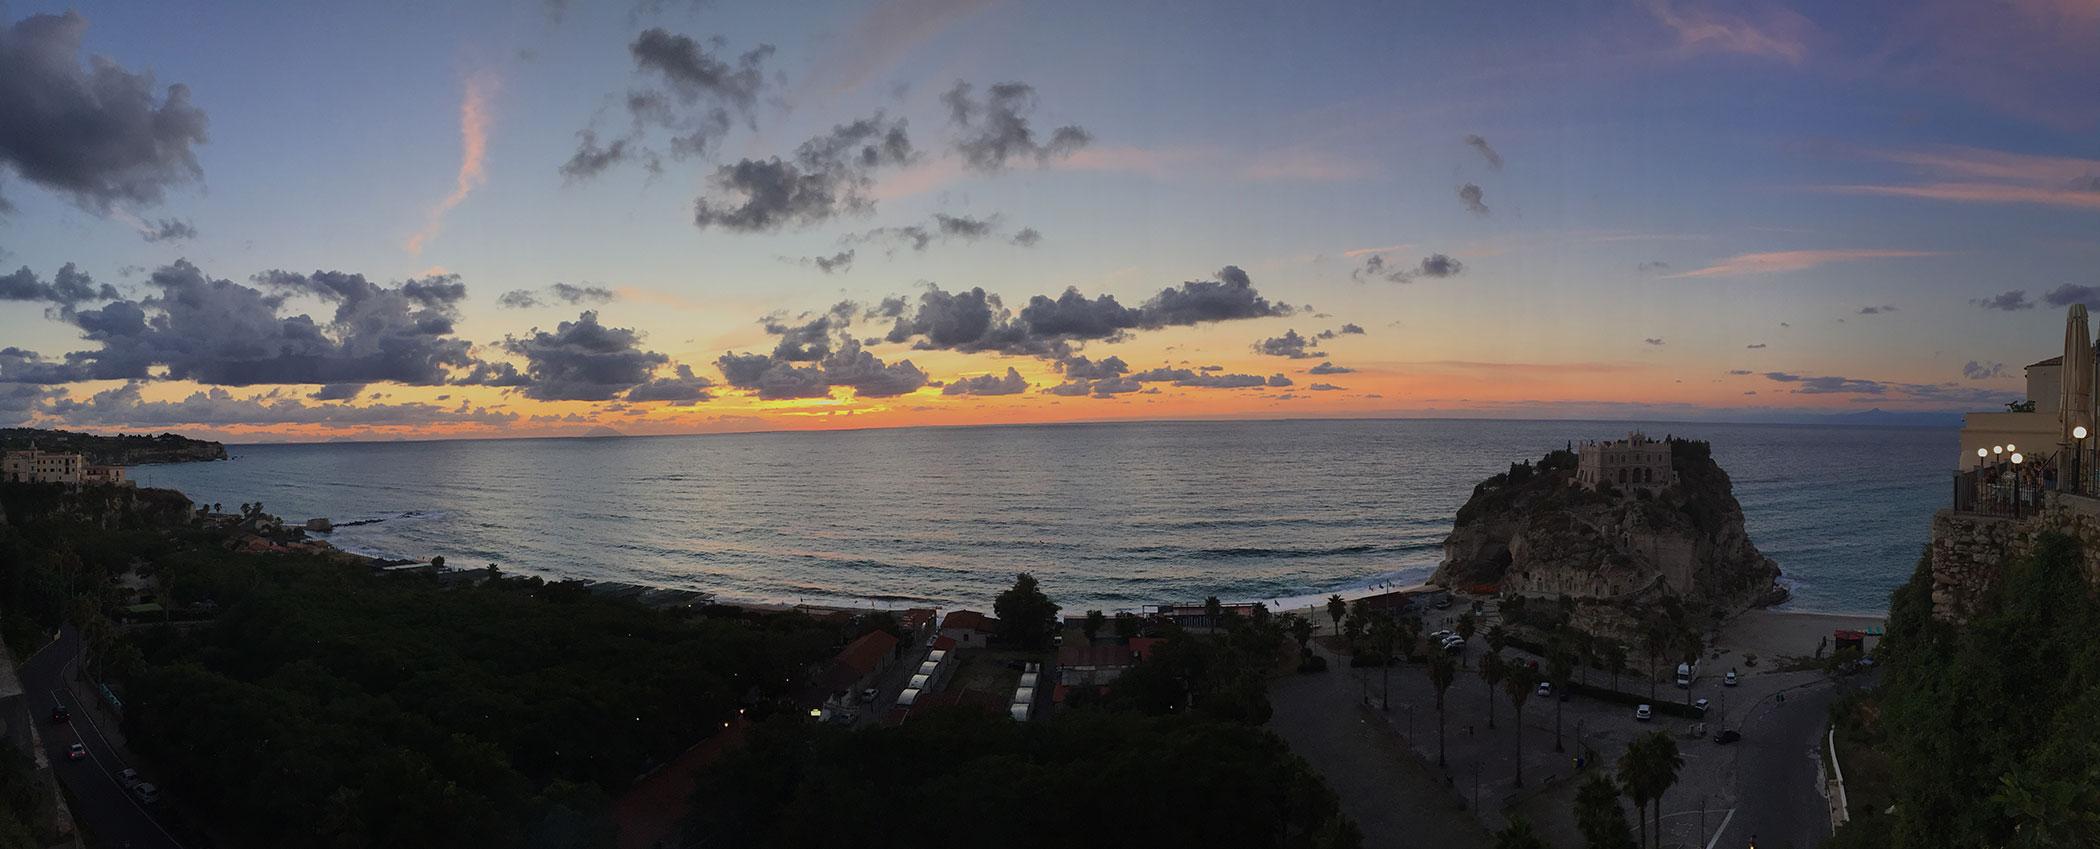 tramonto bellissimo sul mare da Tropea in Calabria foto di tramonti sul mare tramonti da Tropea tramonti bellissimi immagini di tramonti sul mare in calabria Stromboli al tramonto in vacanza